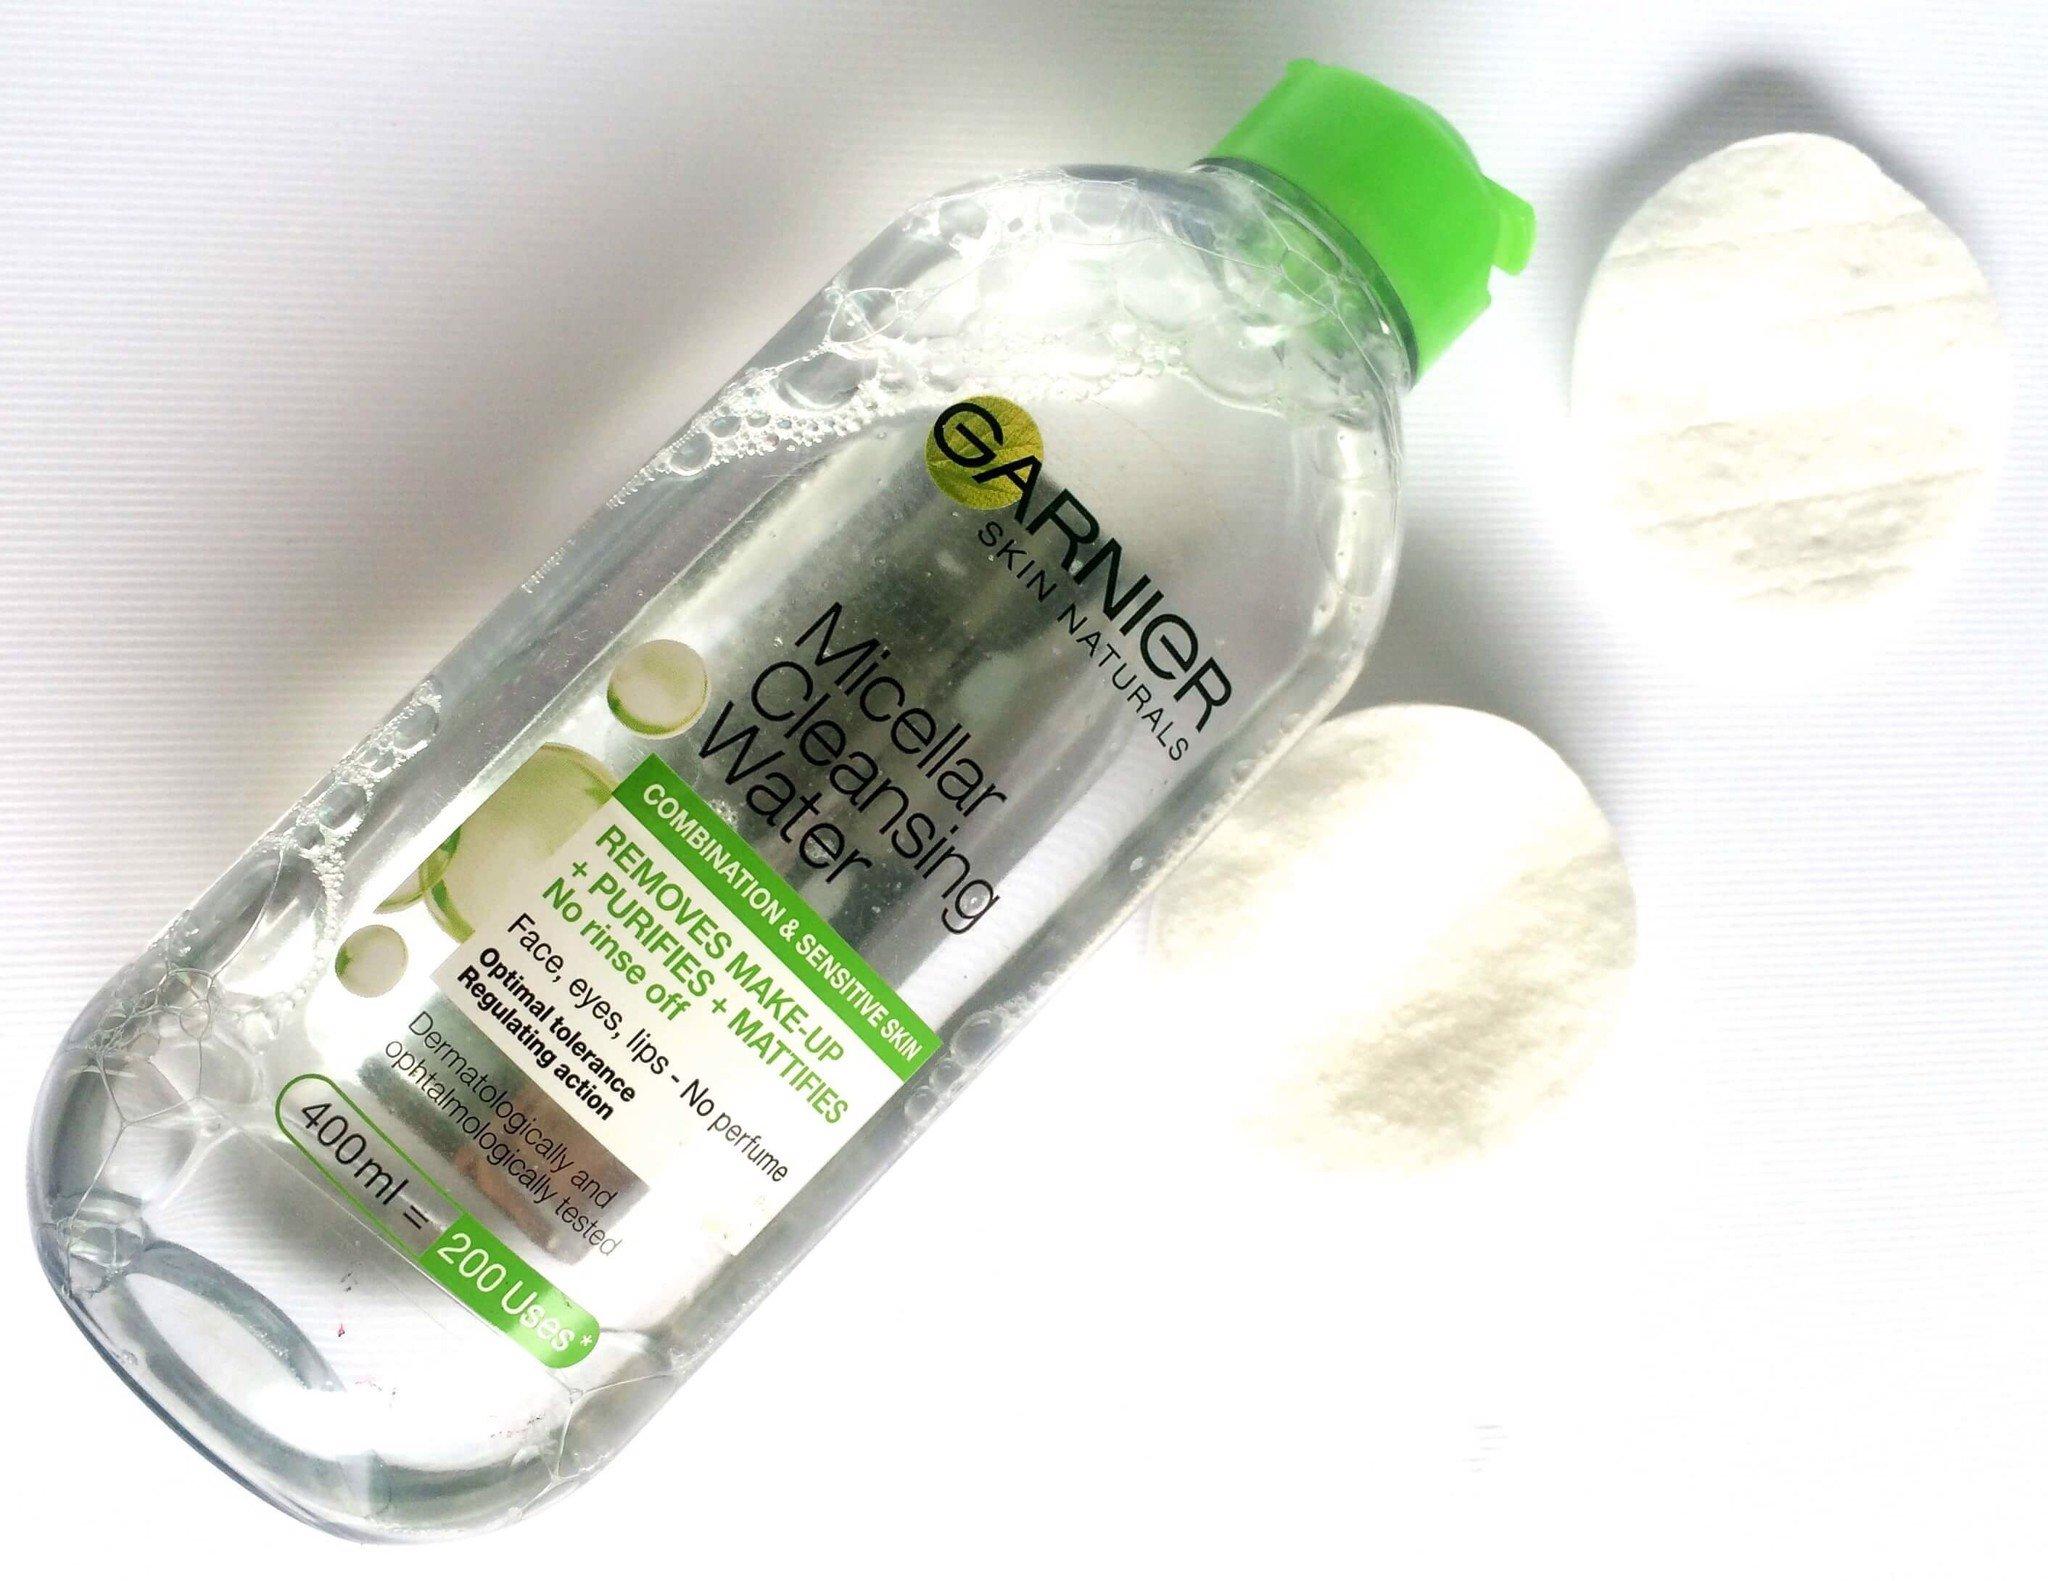 nước tẩy trang cho da hỗn hợp nhạy cảm-bicicosmetics.vn